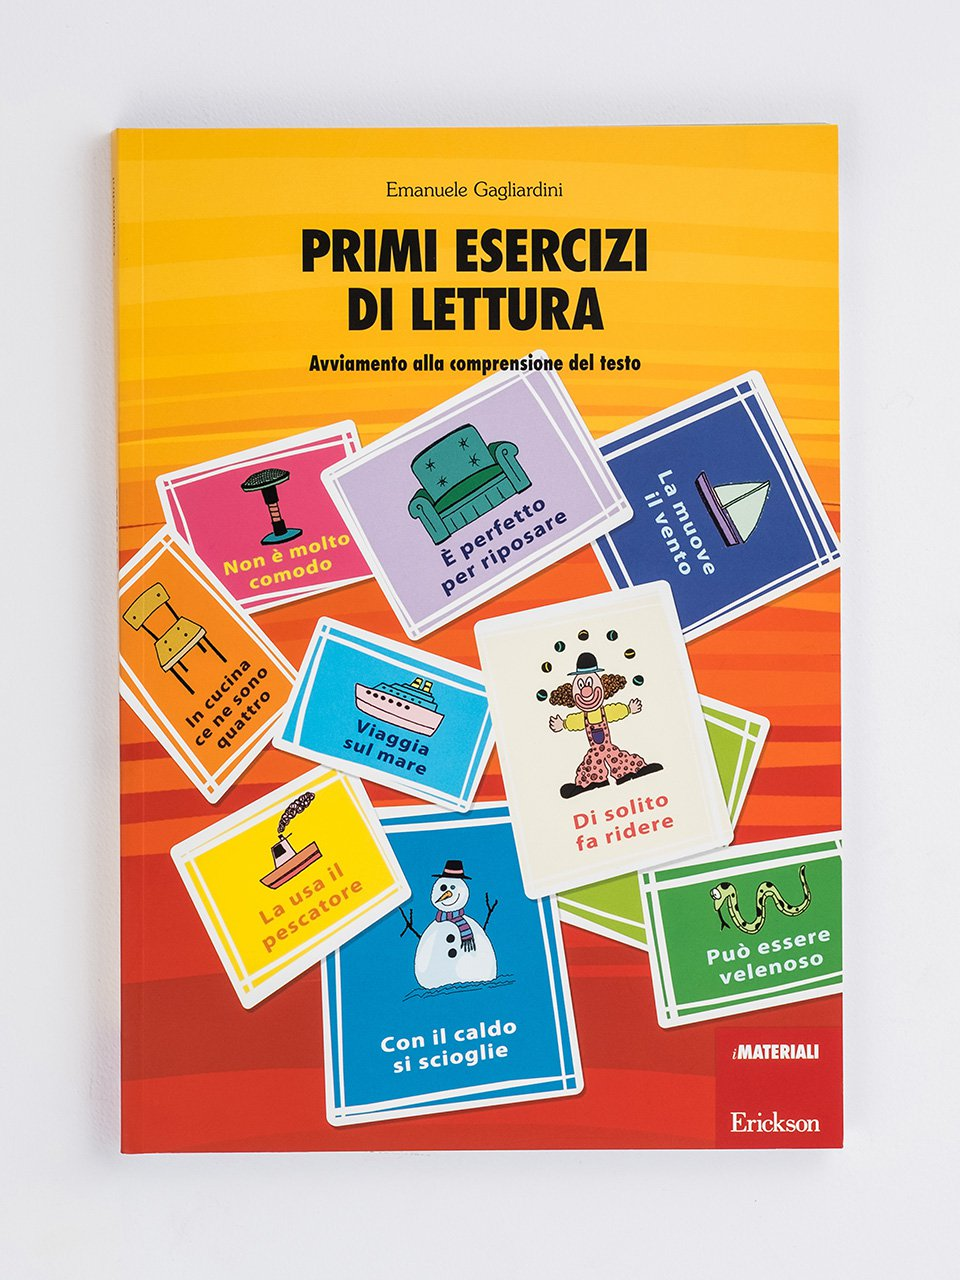 Primi esercizi di lettura - Il mio primo sillabario - Libri - Erickson